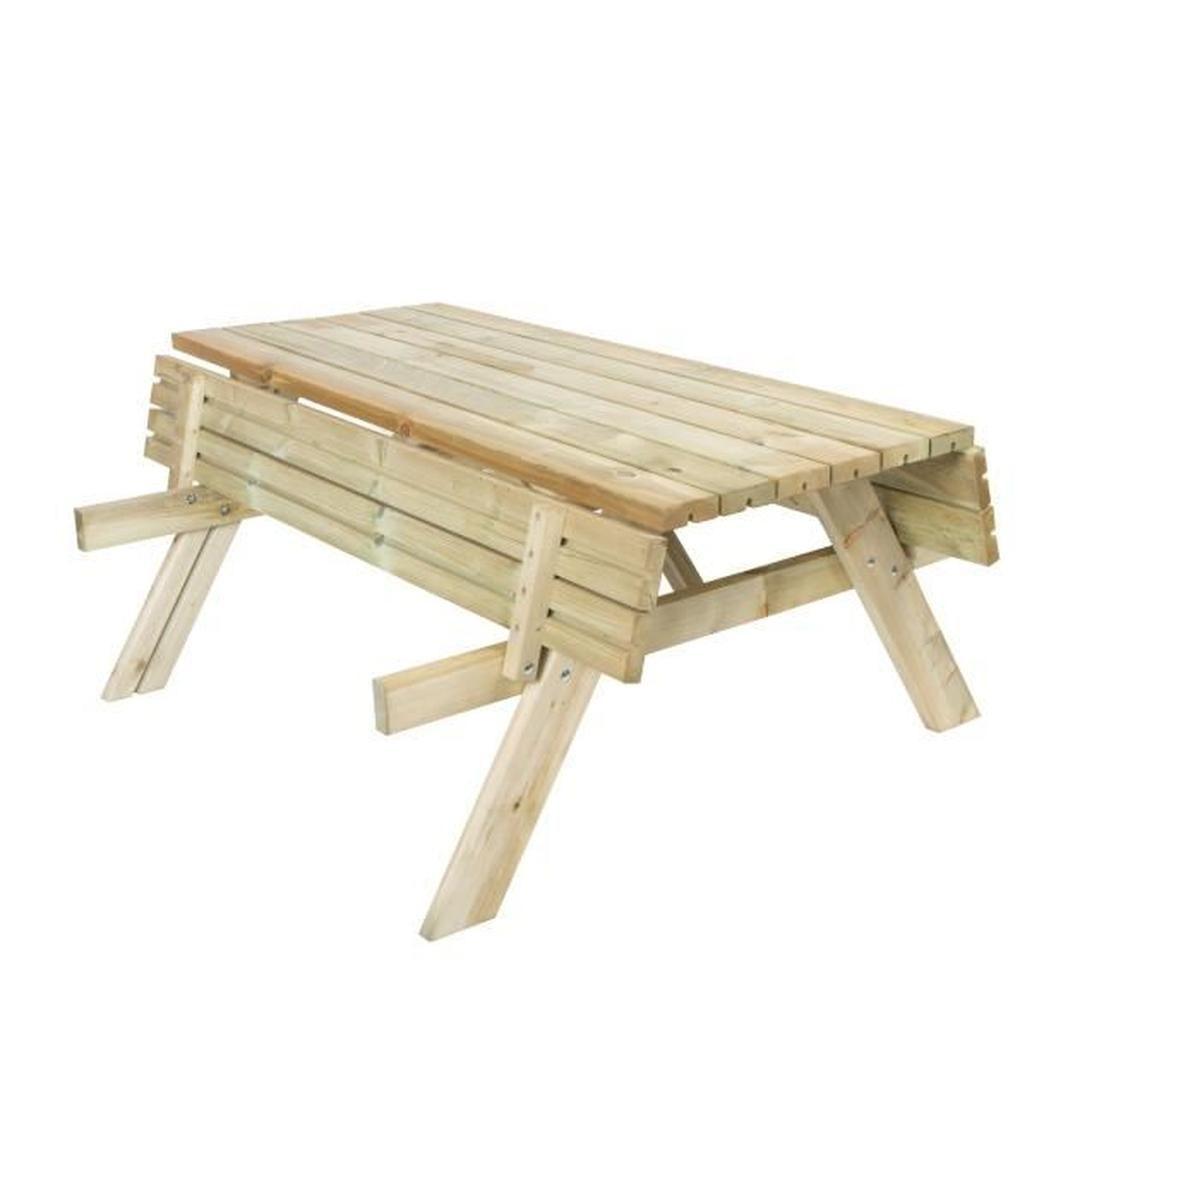 Cuisine & Maison Mobilier De Jardin Vidaxl Table De Picnic ... destiné Table De Jardin Pliante En Bois